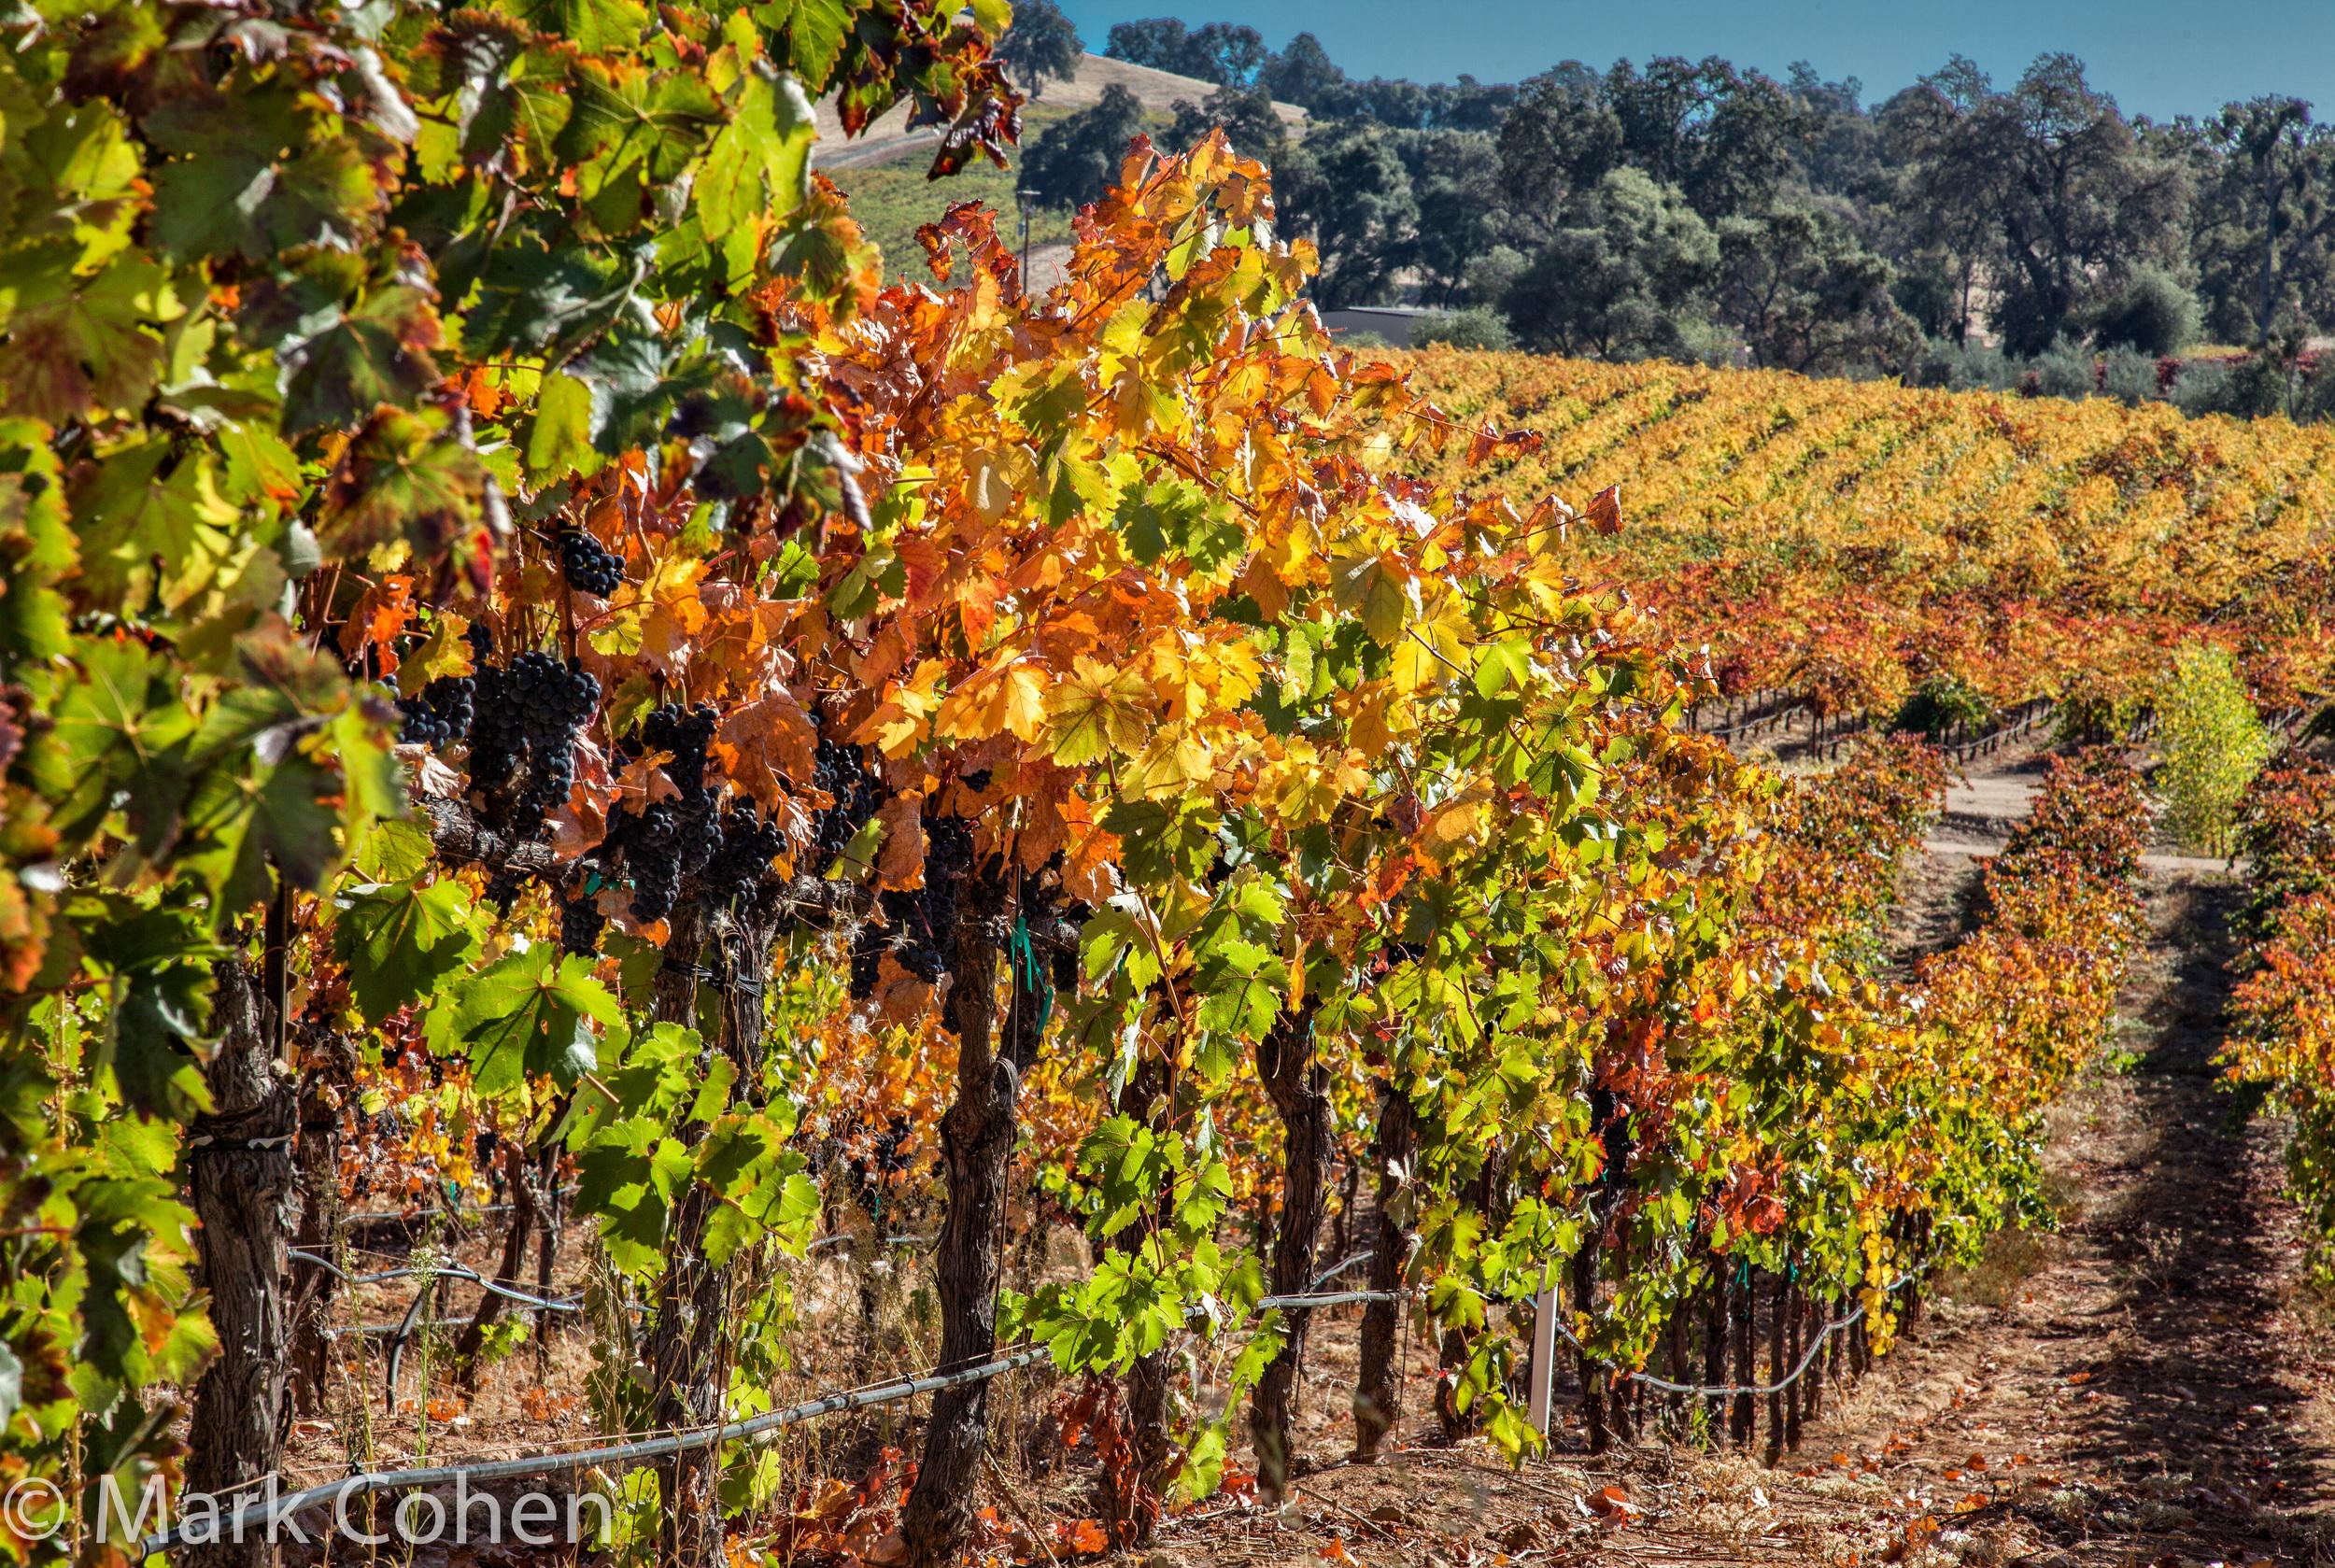 Vineyard no.3, Amador County, 2014